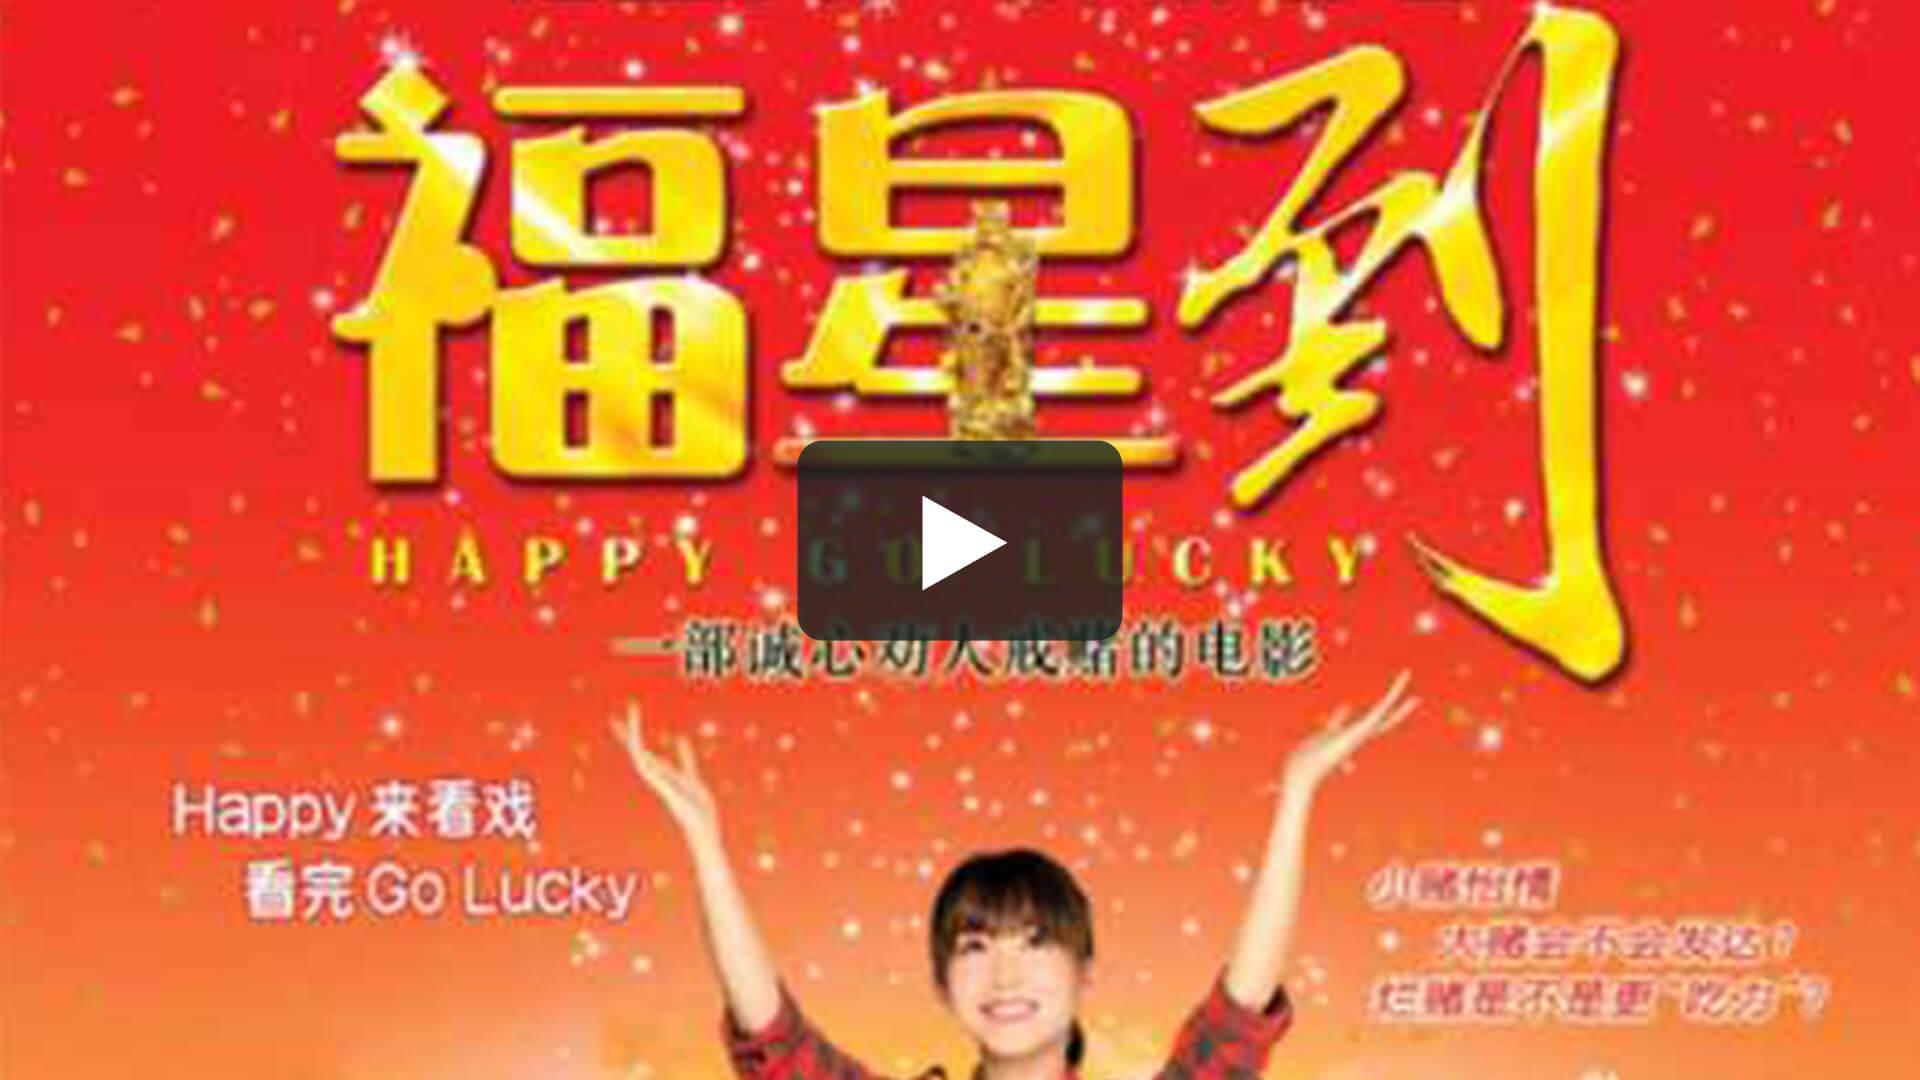 福星到 - Happy Go Lucky